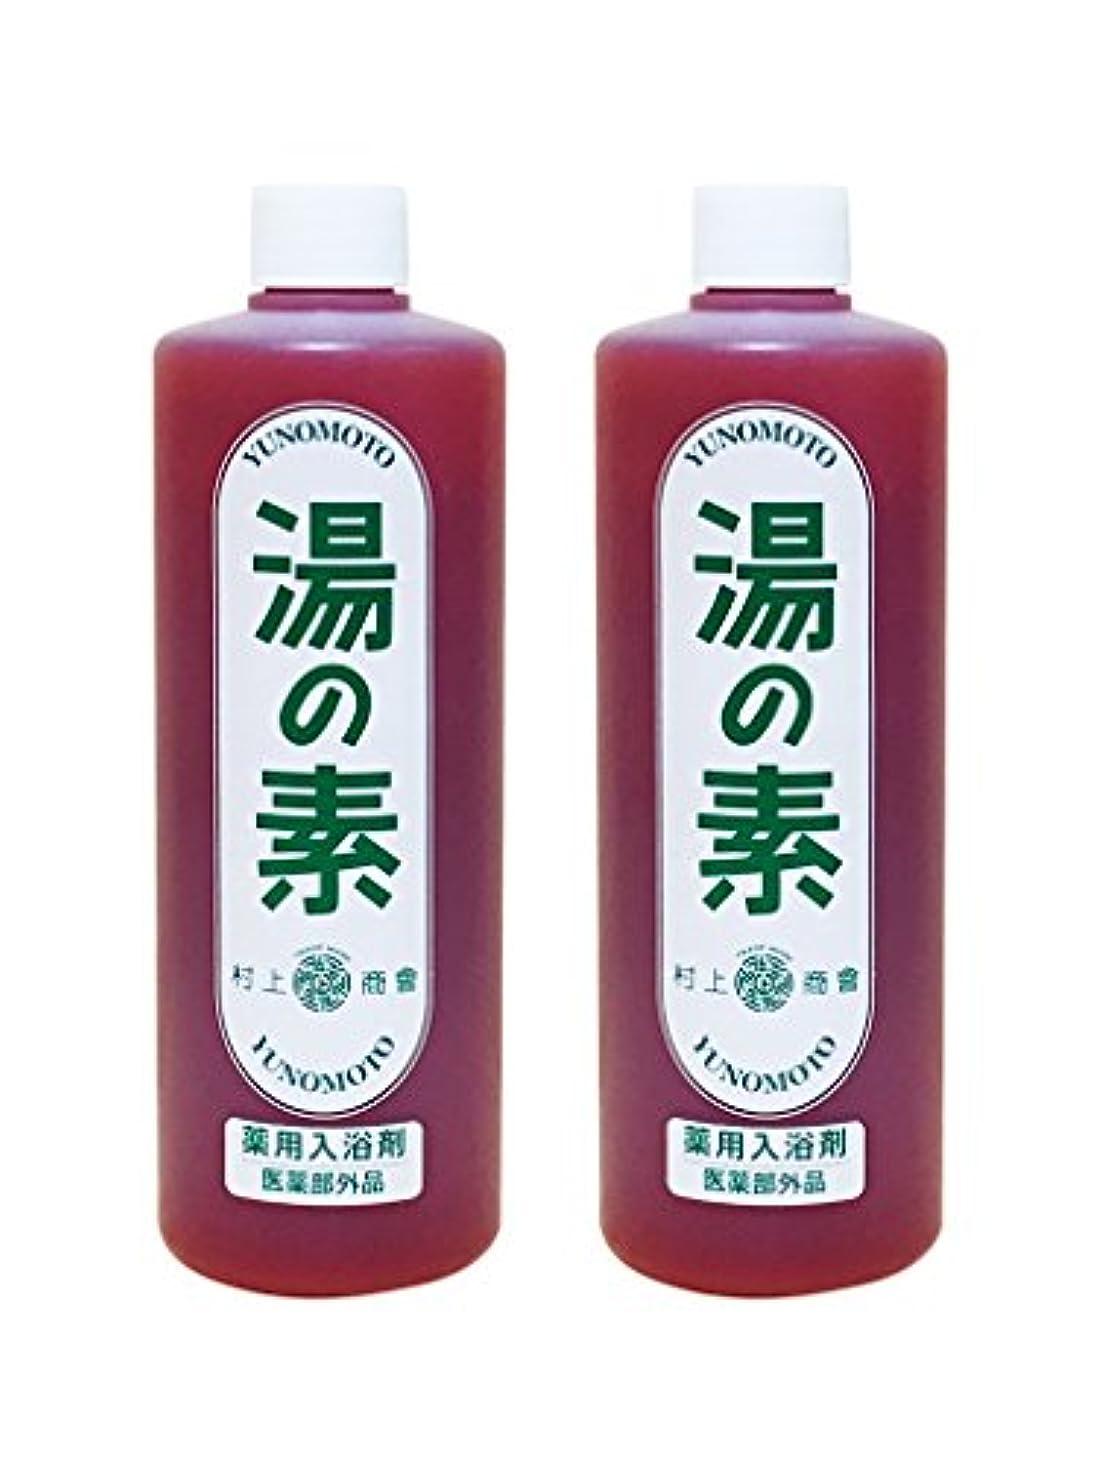 カセット批判するイサカ硫黄乳白色湯 湯の素 薬用入浴剤 (医薬部外品) 490g 2本セット